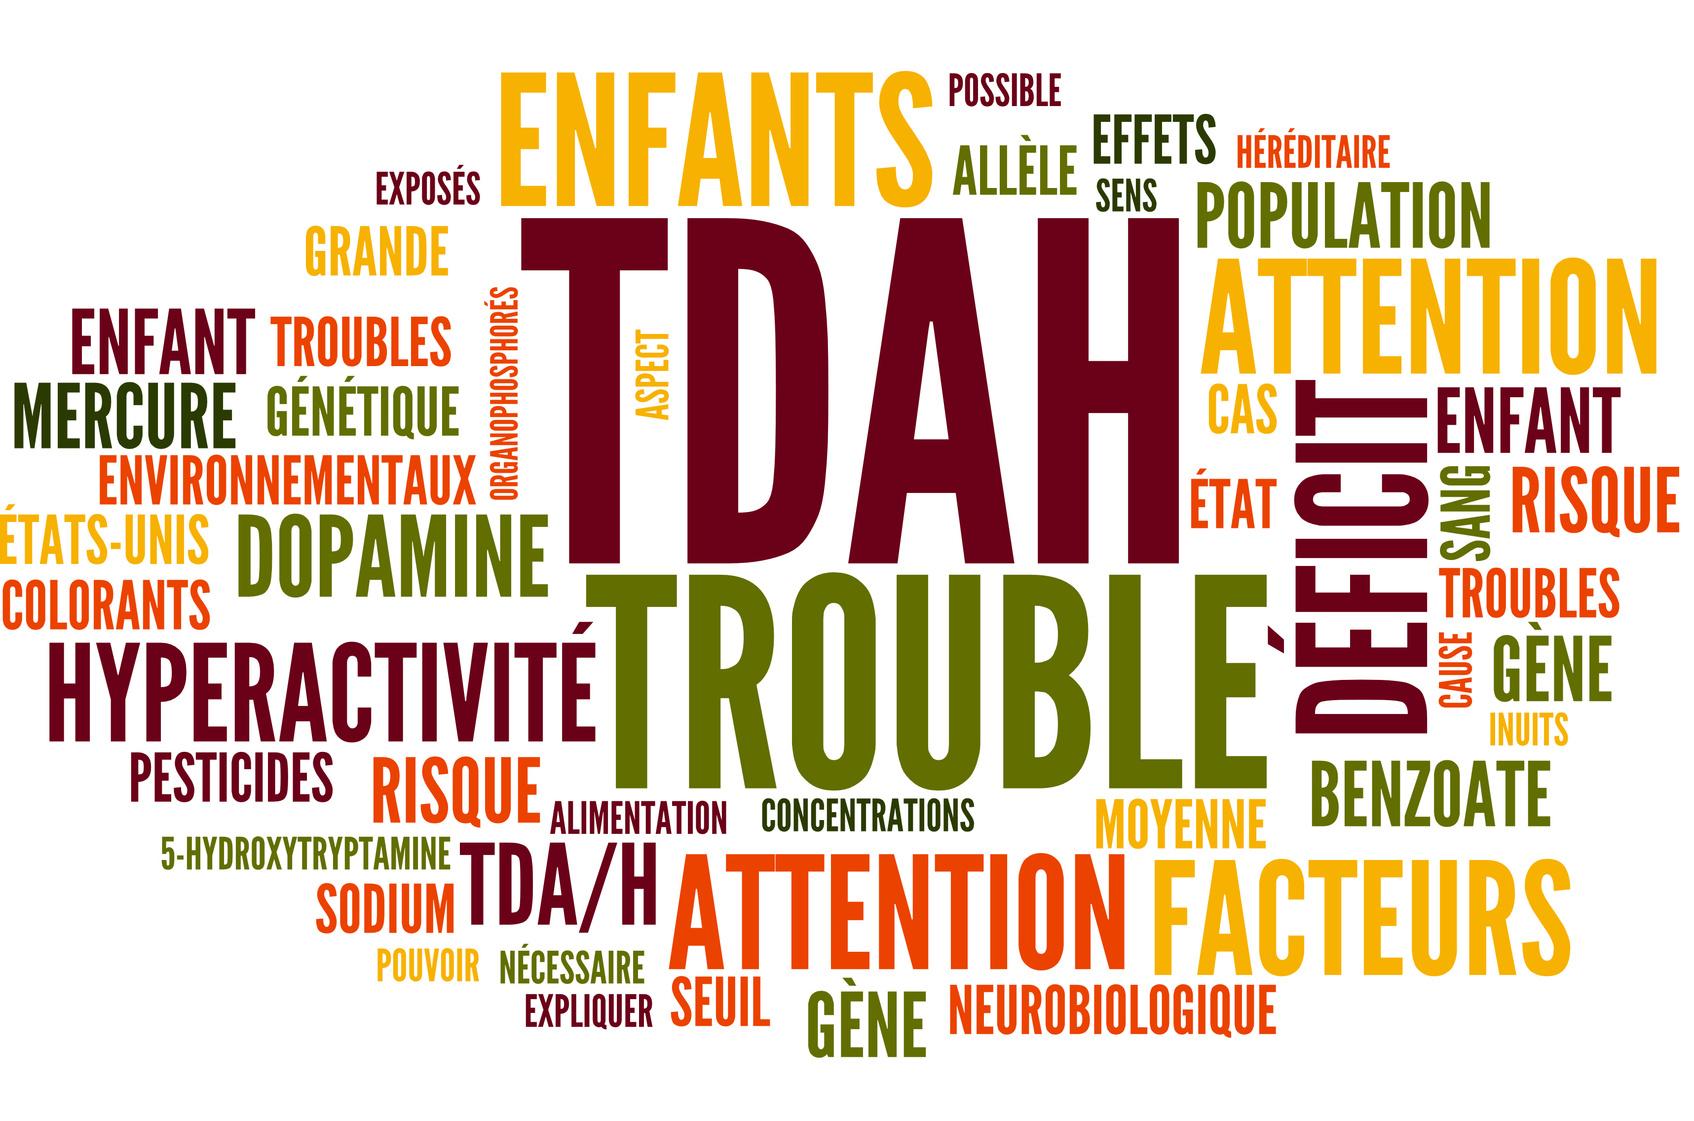 TDAH: Trouble du Dficit de l'Attention avec Hyperactivit TDA